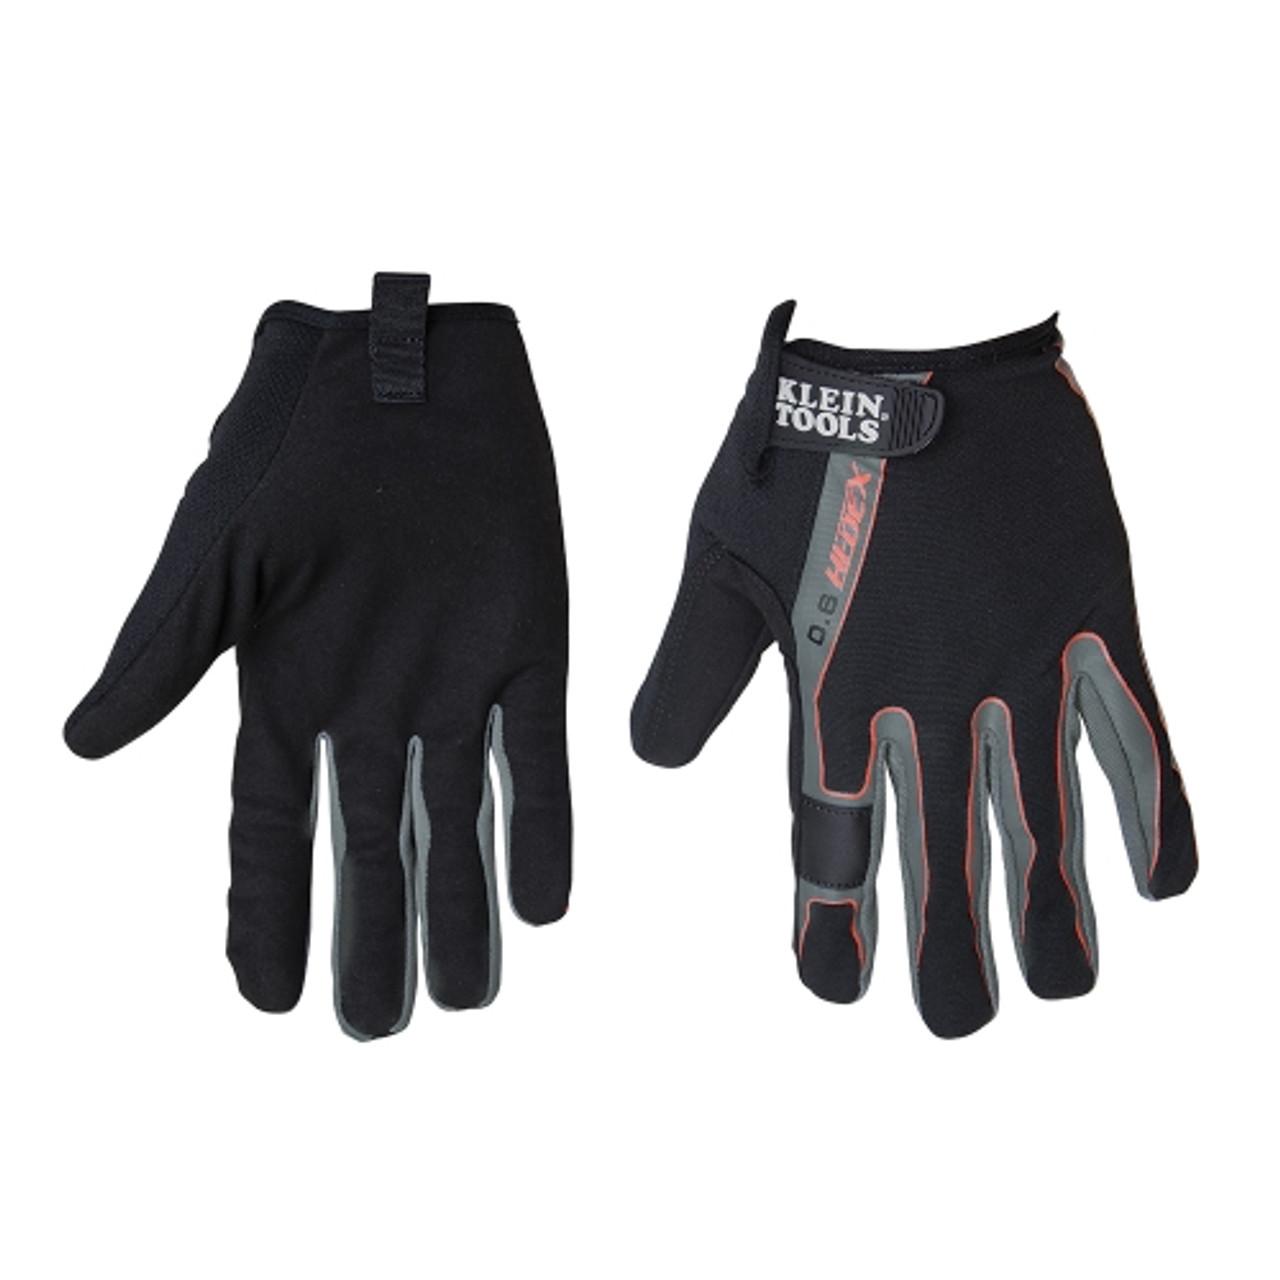 Klein 40229 High Dexterity Touchscreen Gloves, Medium